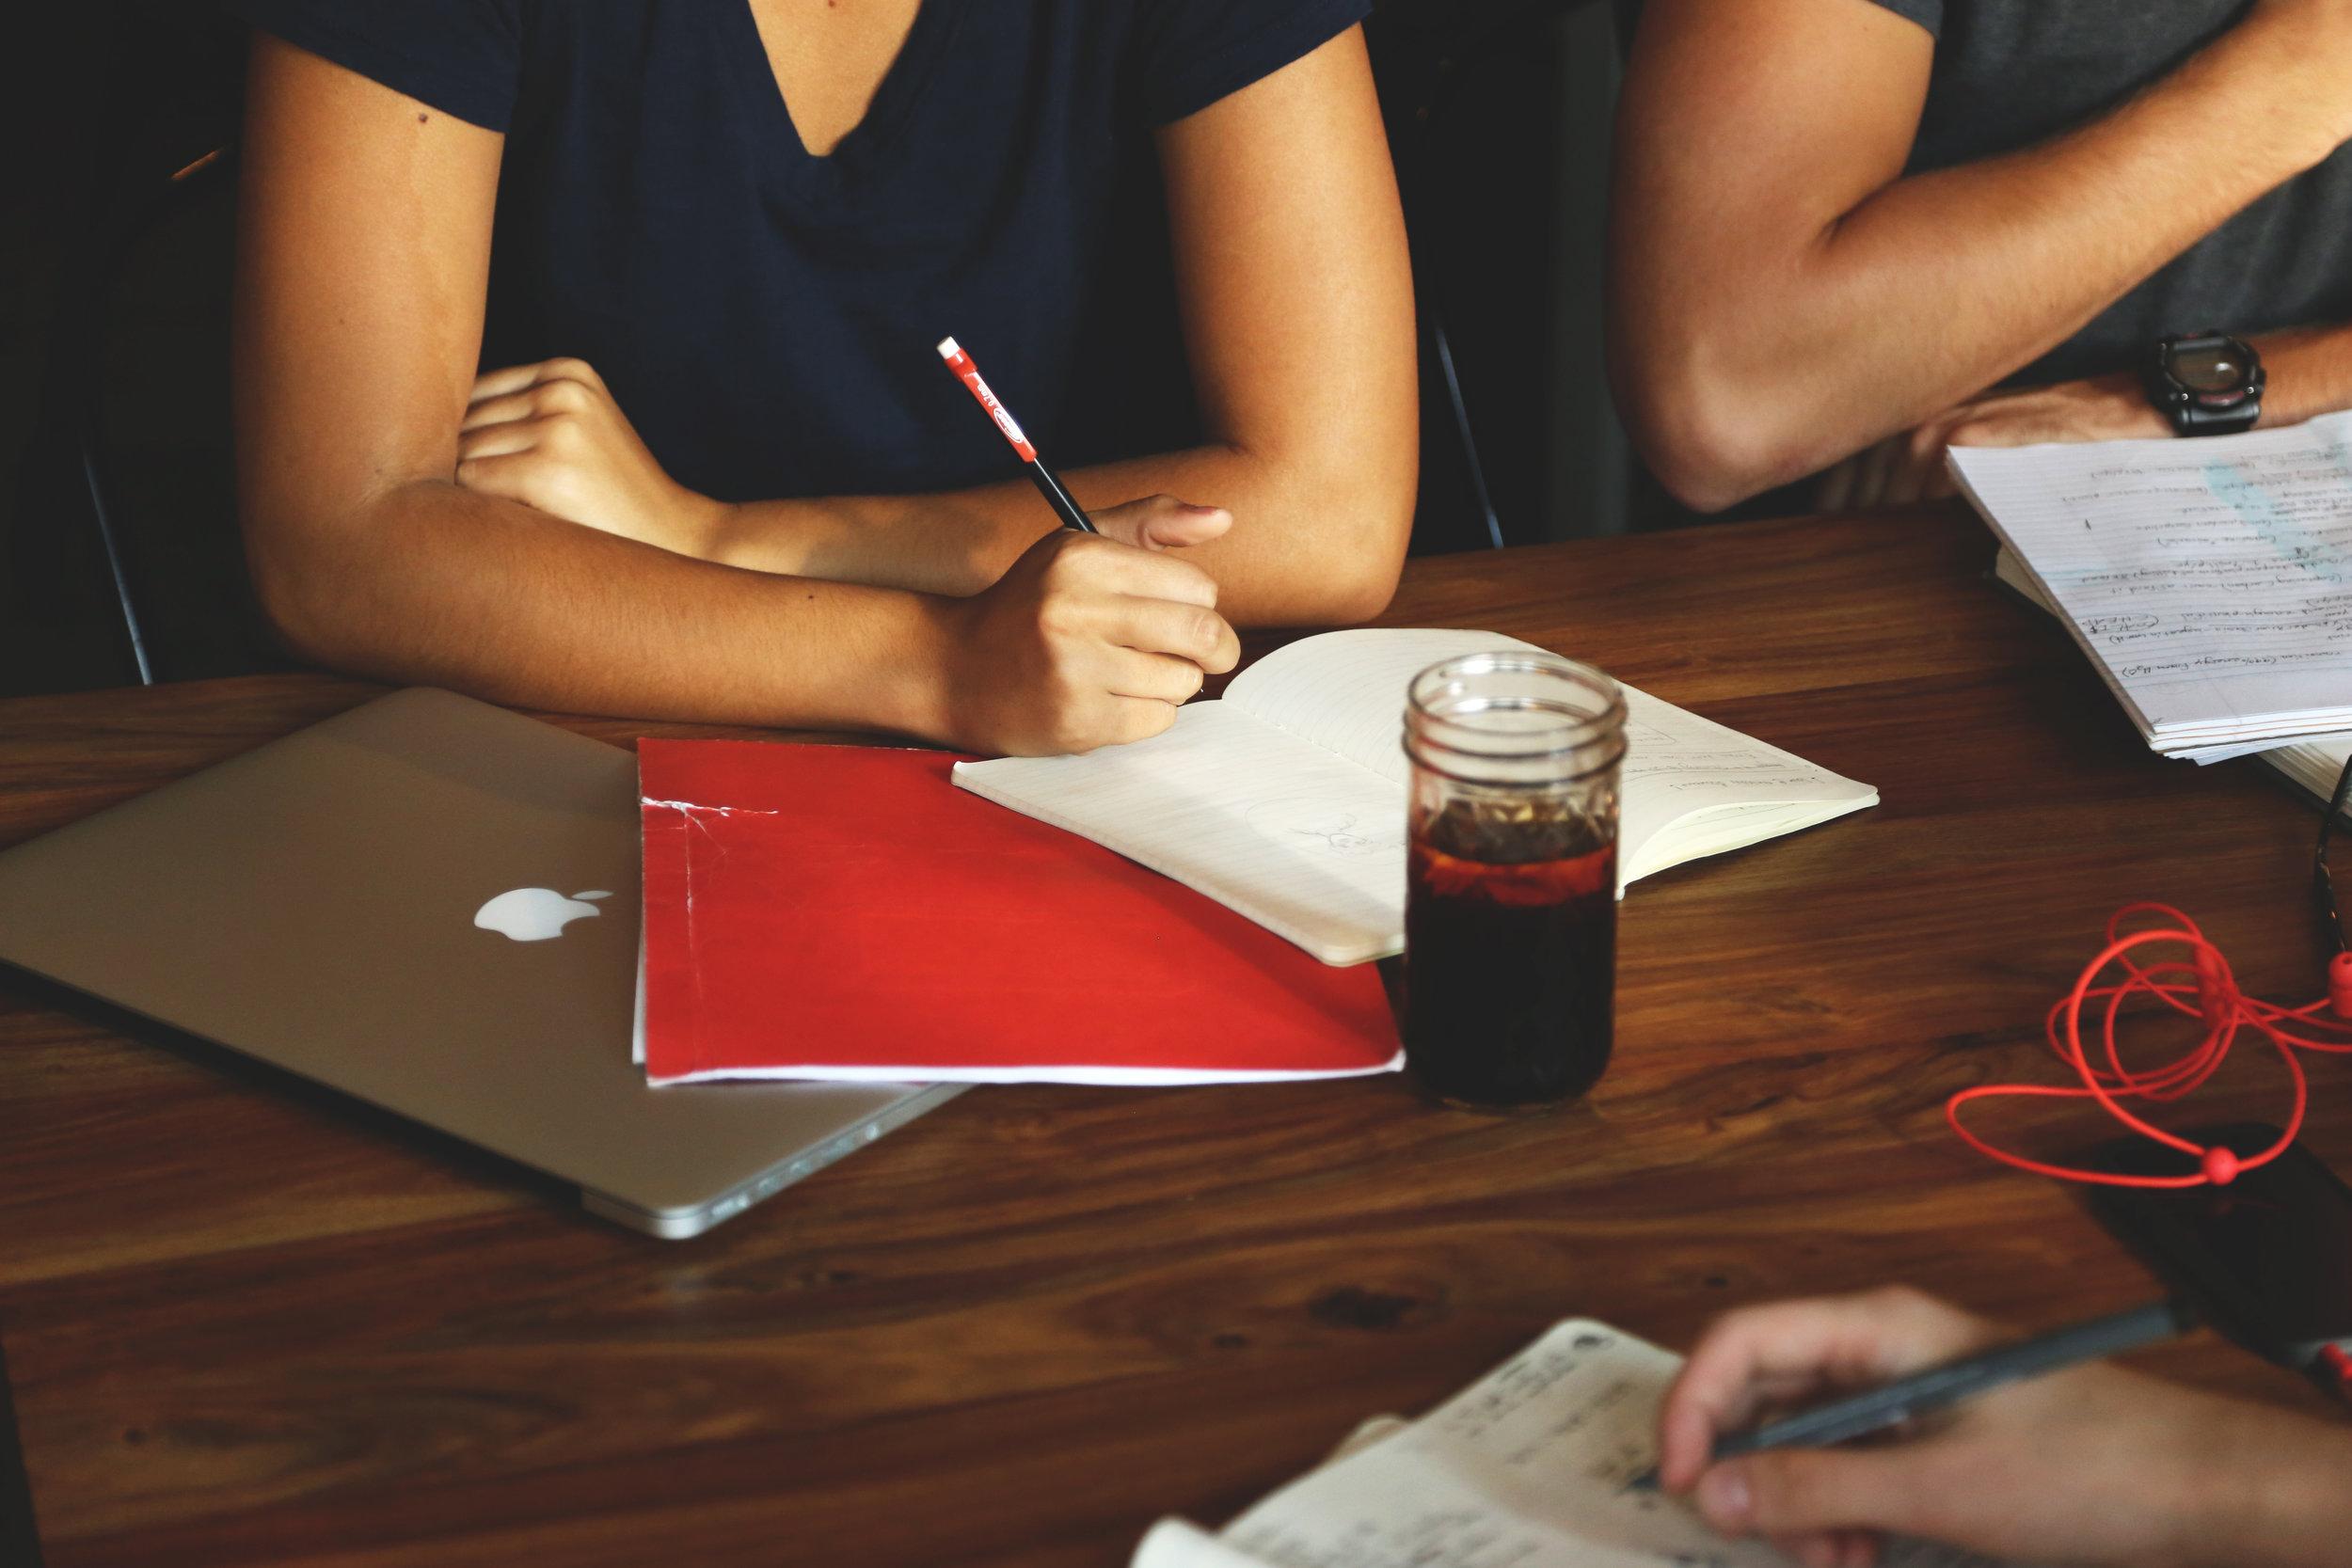 Starting a business checklist for women entrepreneurs. #bloggingbeginners #startups #businesstechnology